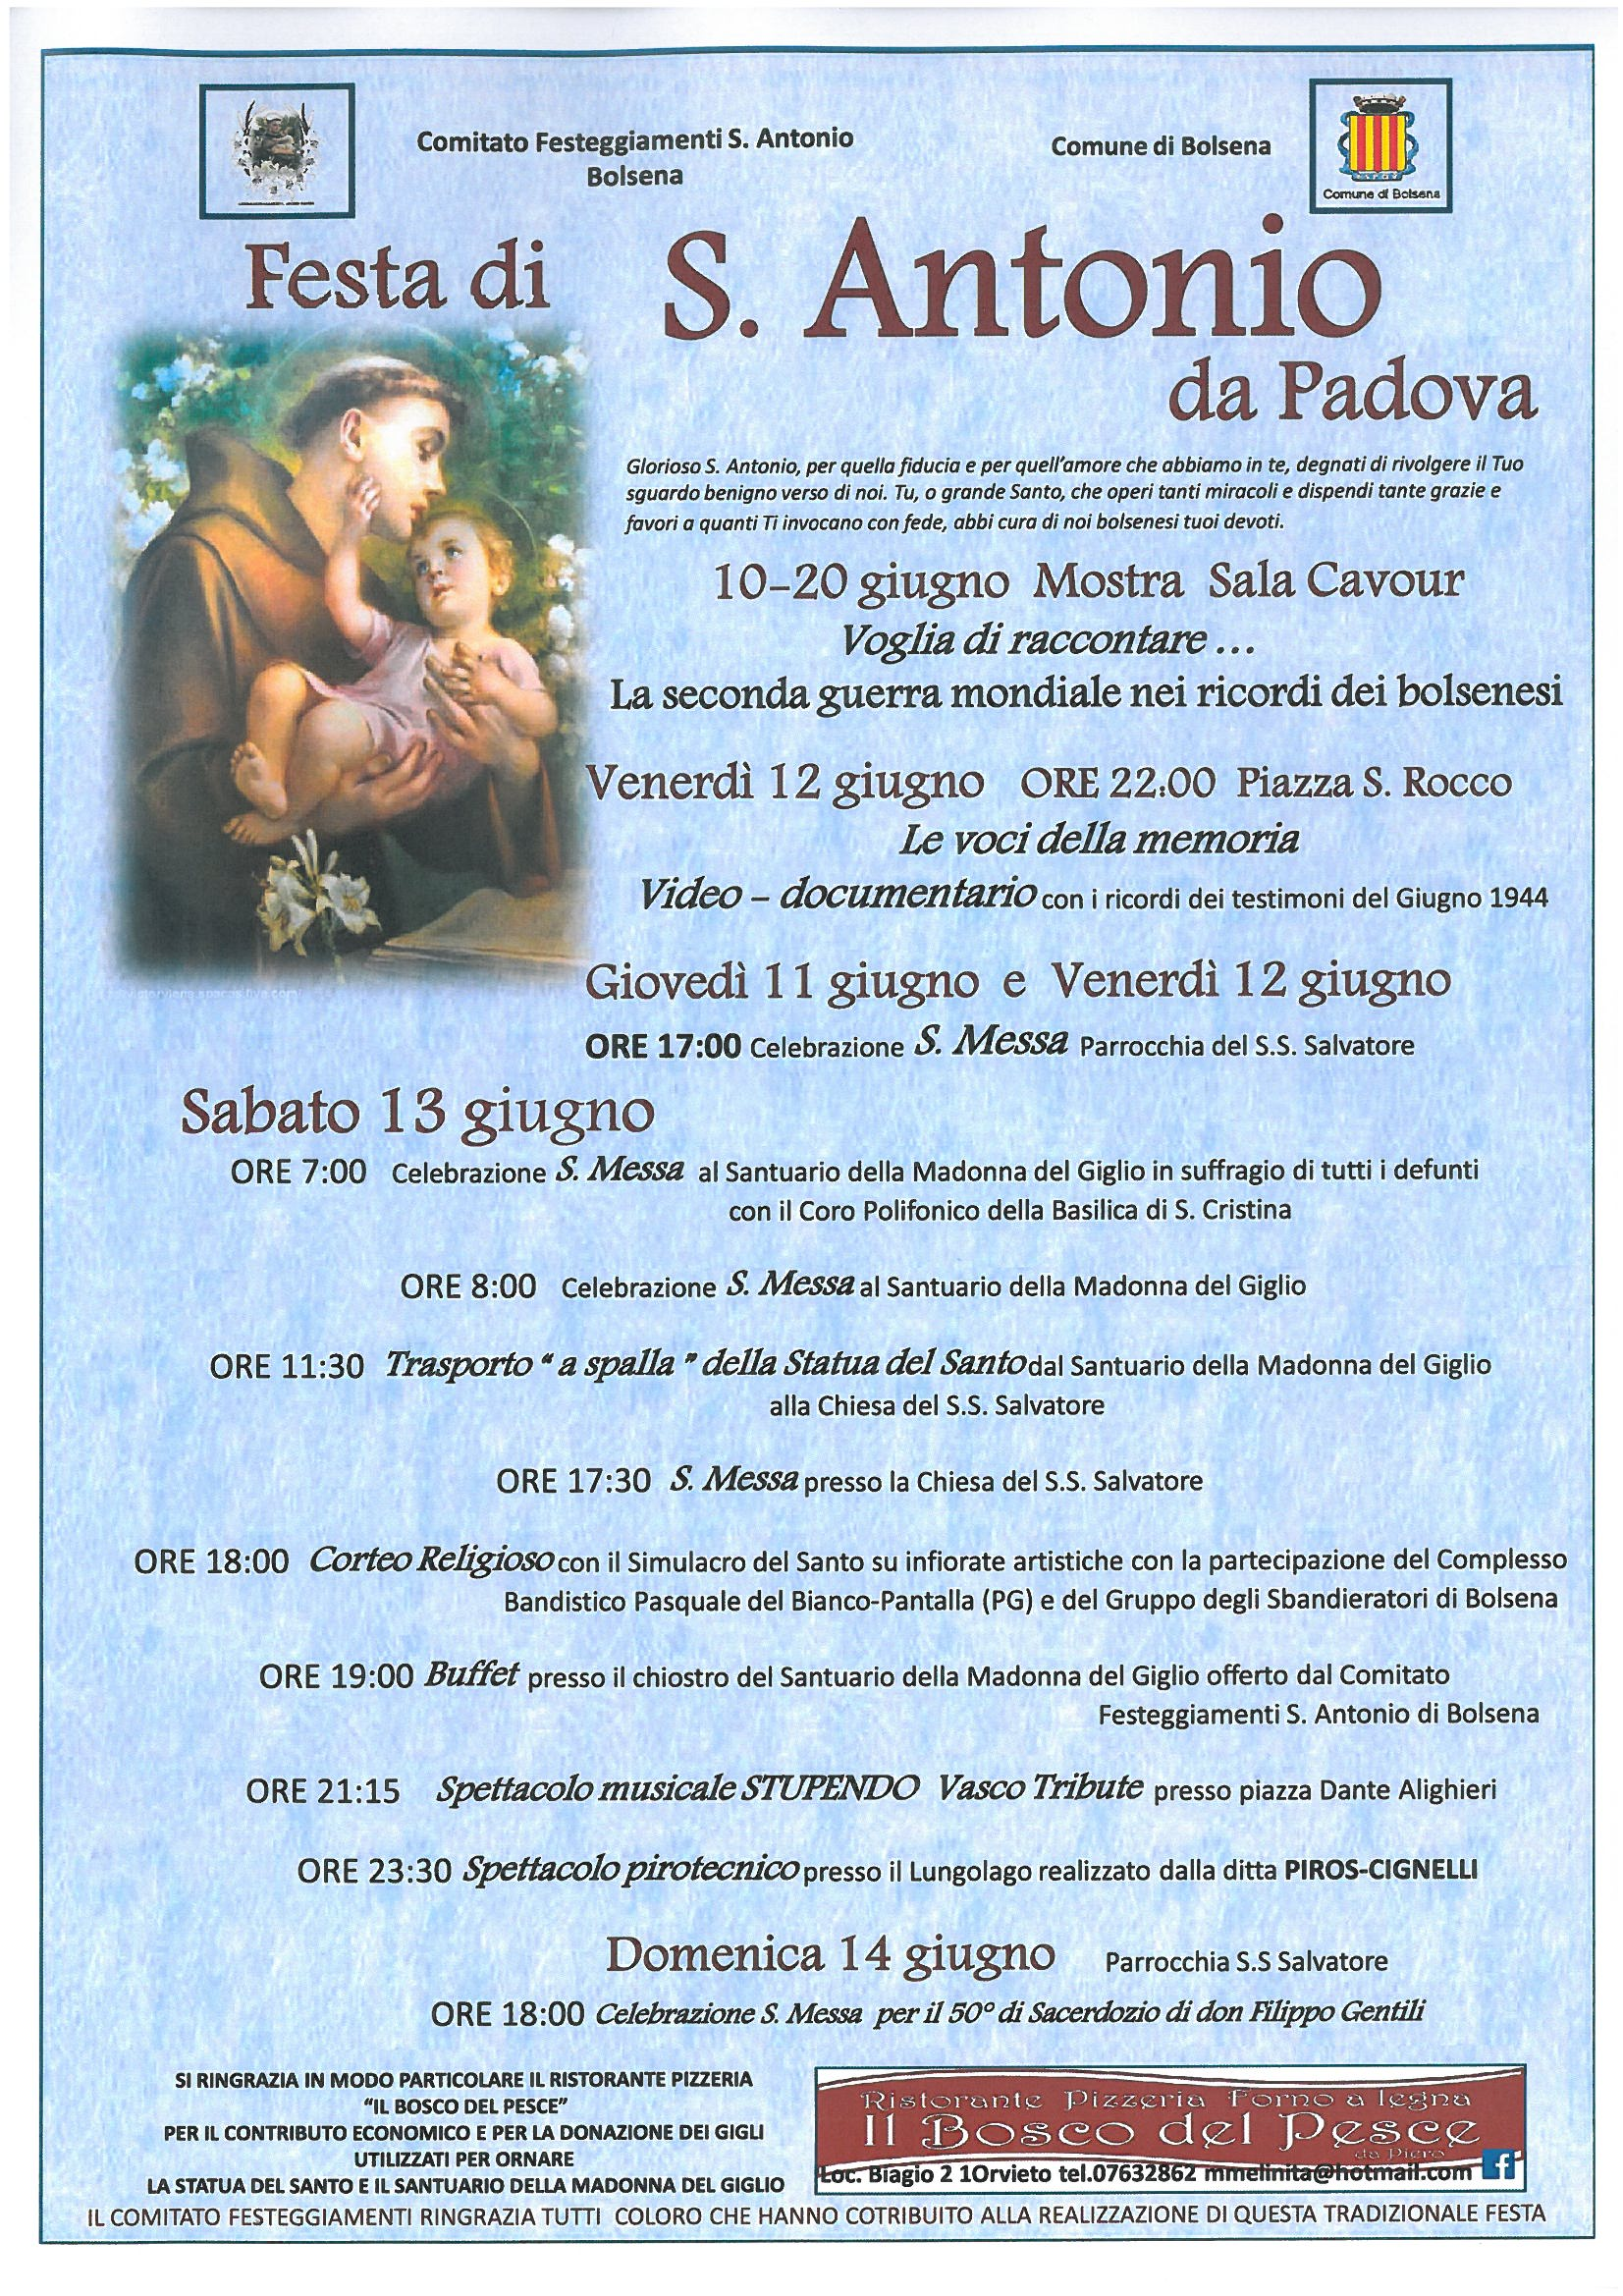 festa di s.antonio | visit bolsena - turismo eventi itinerari lago ... - Soggiorno Lago Di Bolsena